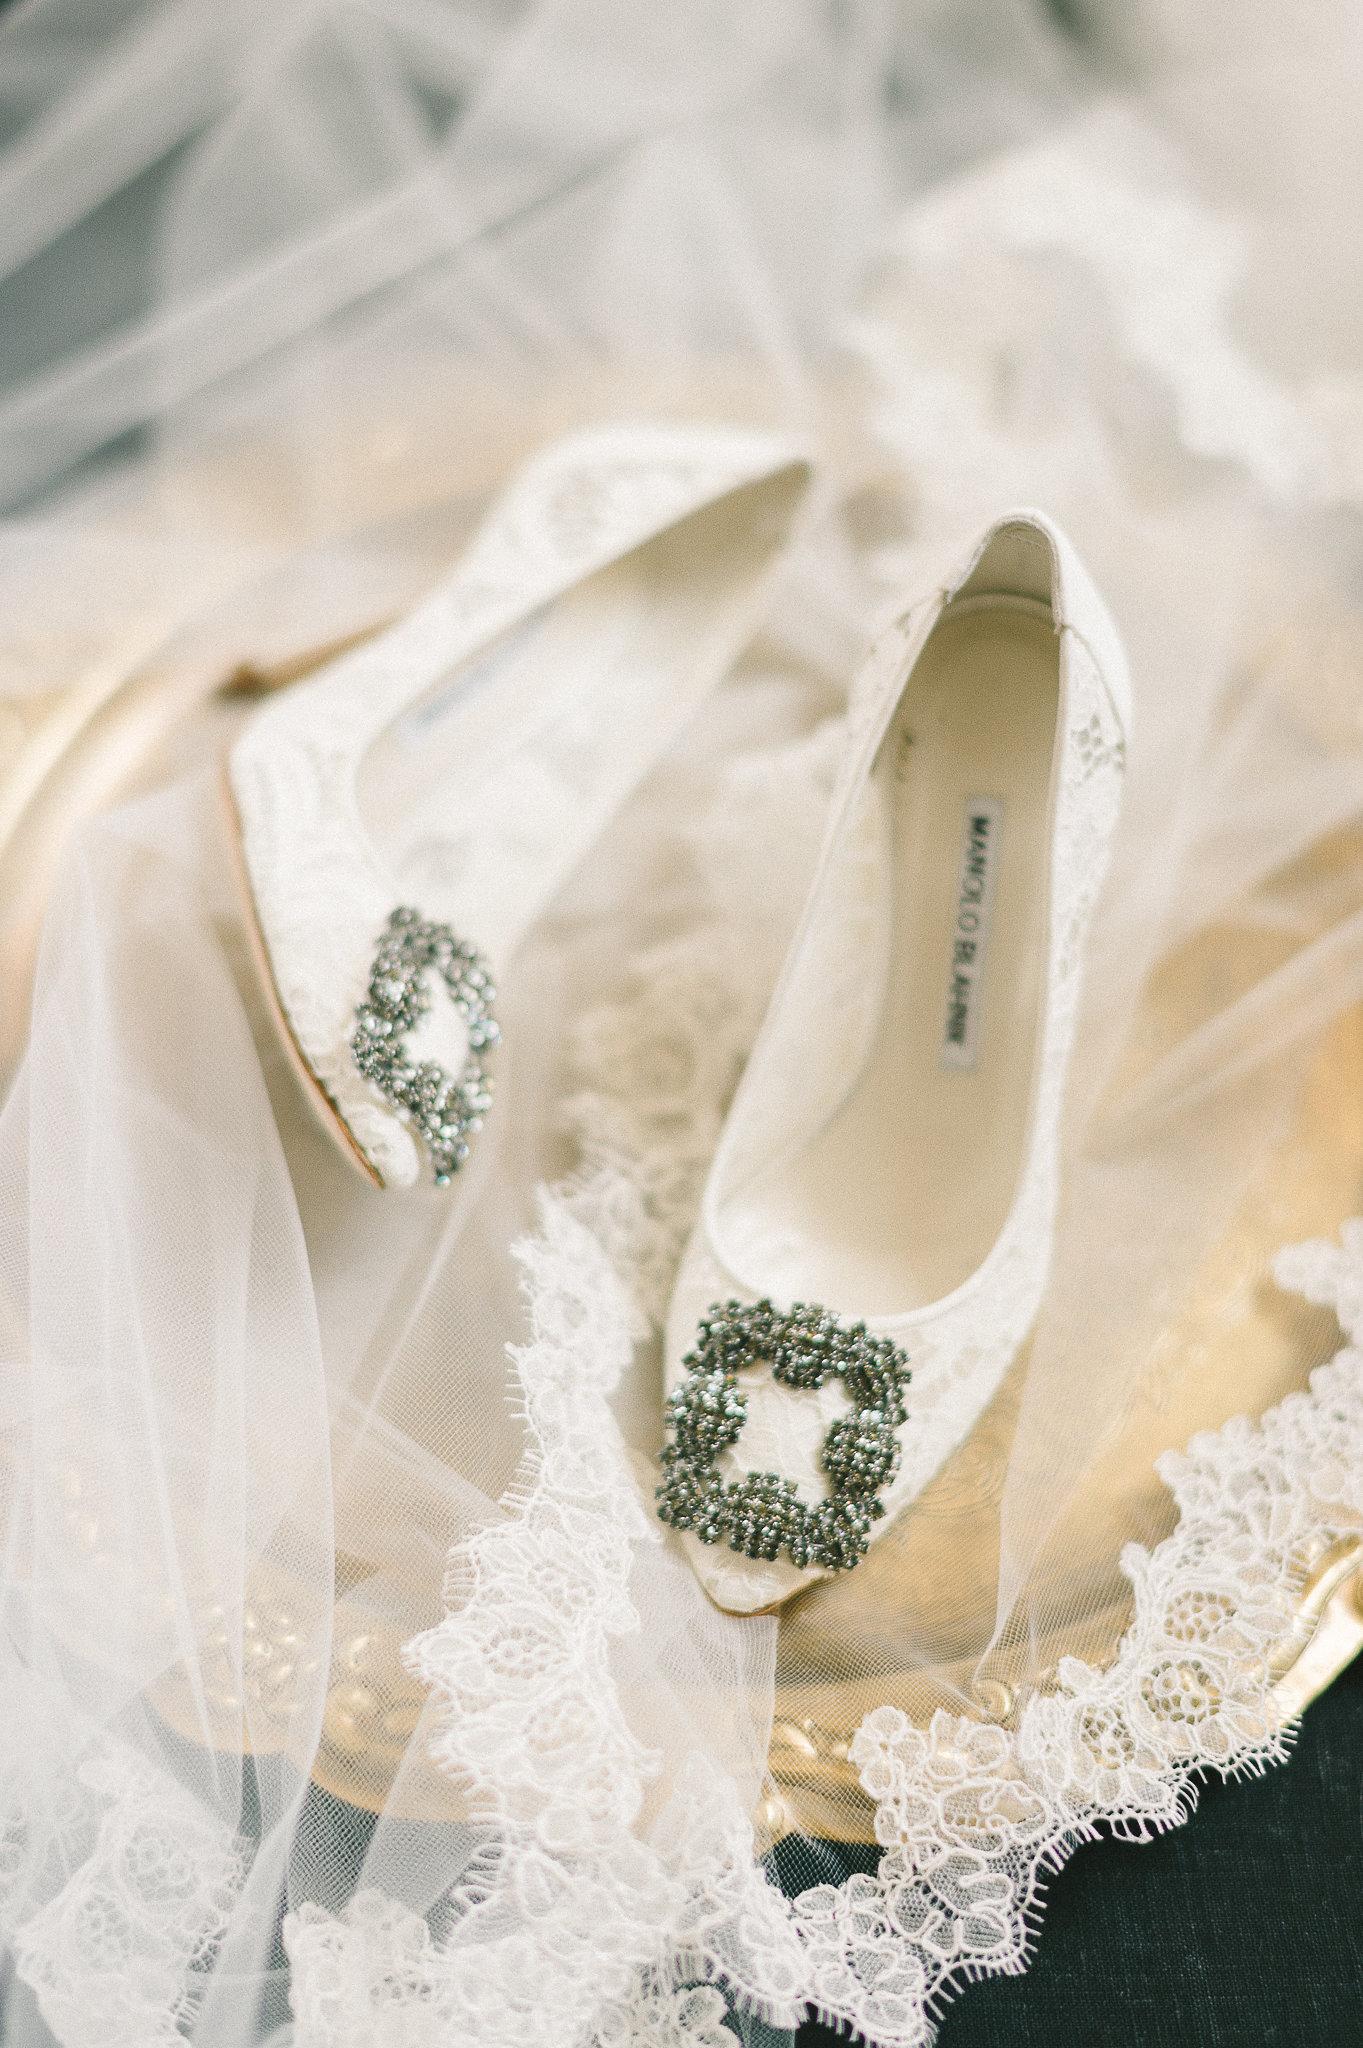 Elizabeth-Fogarty-Wedding-Photography-30.jpg